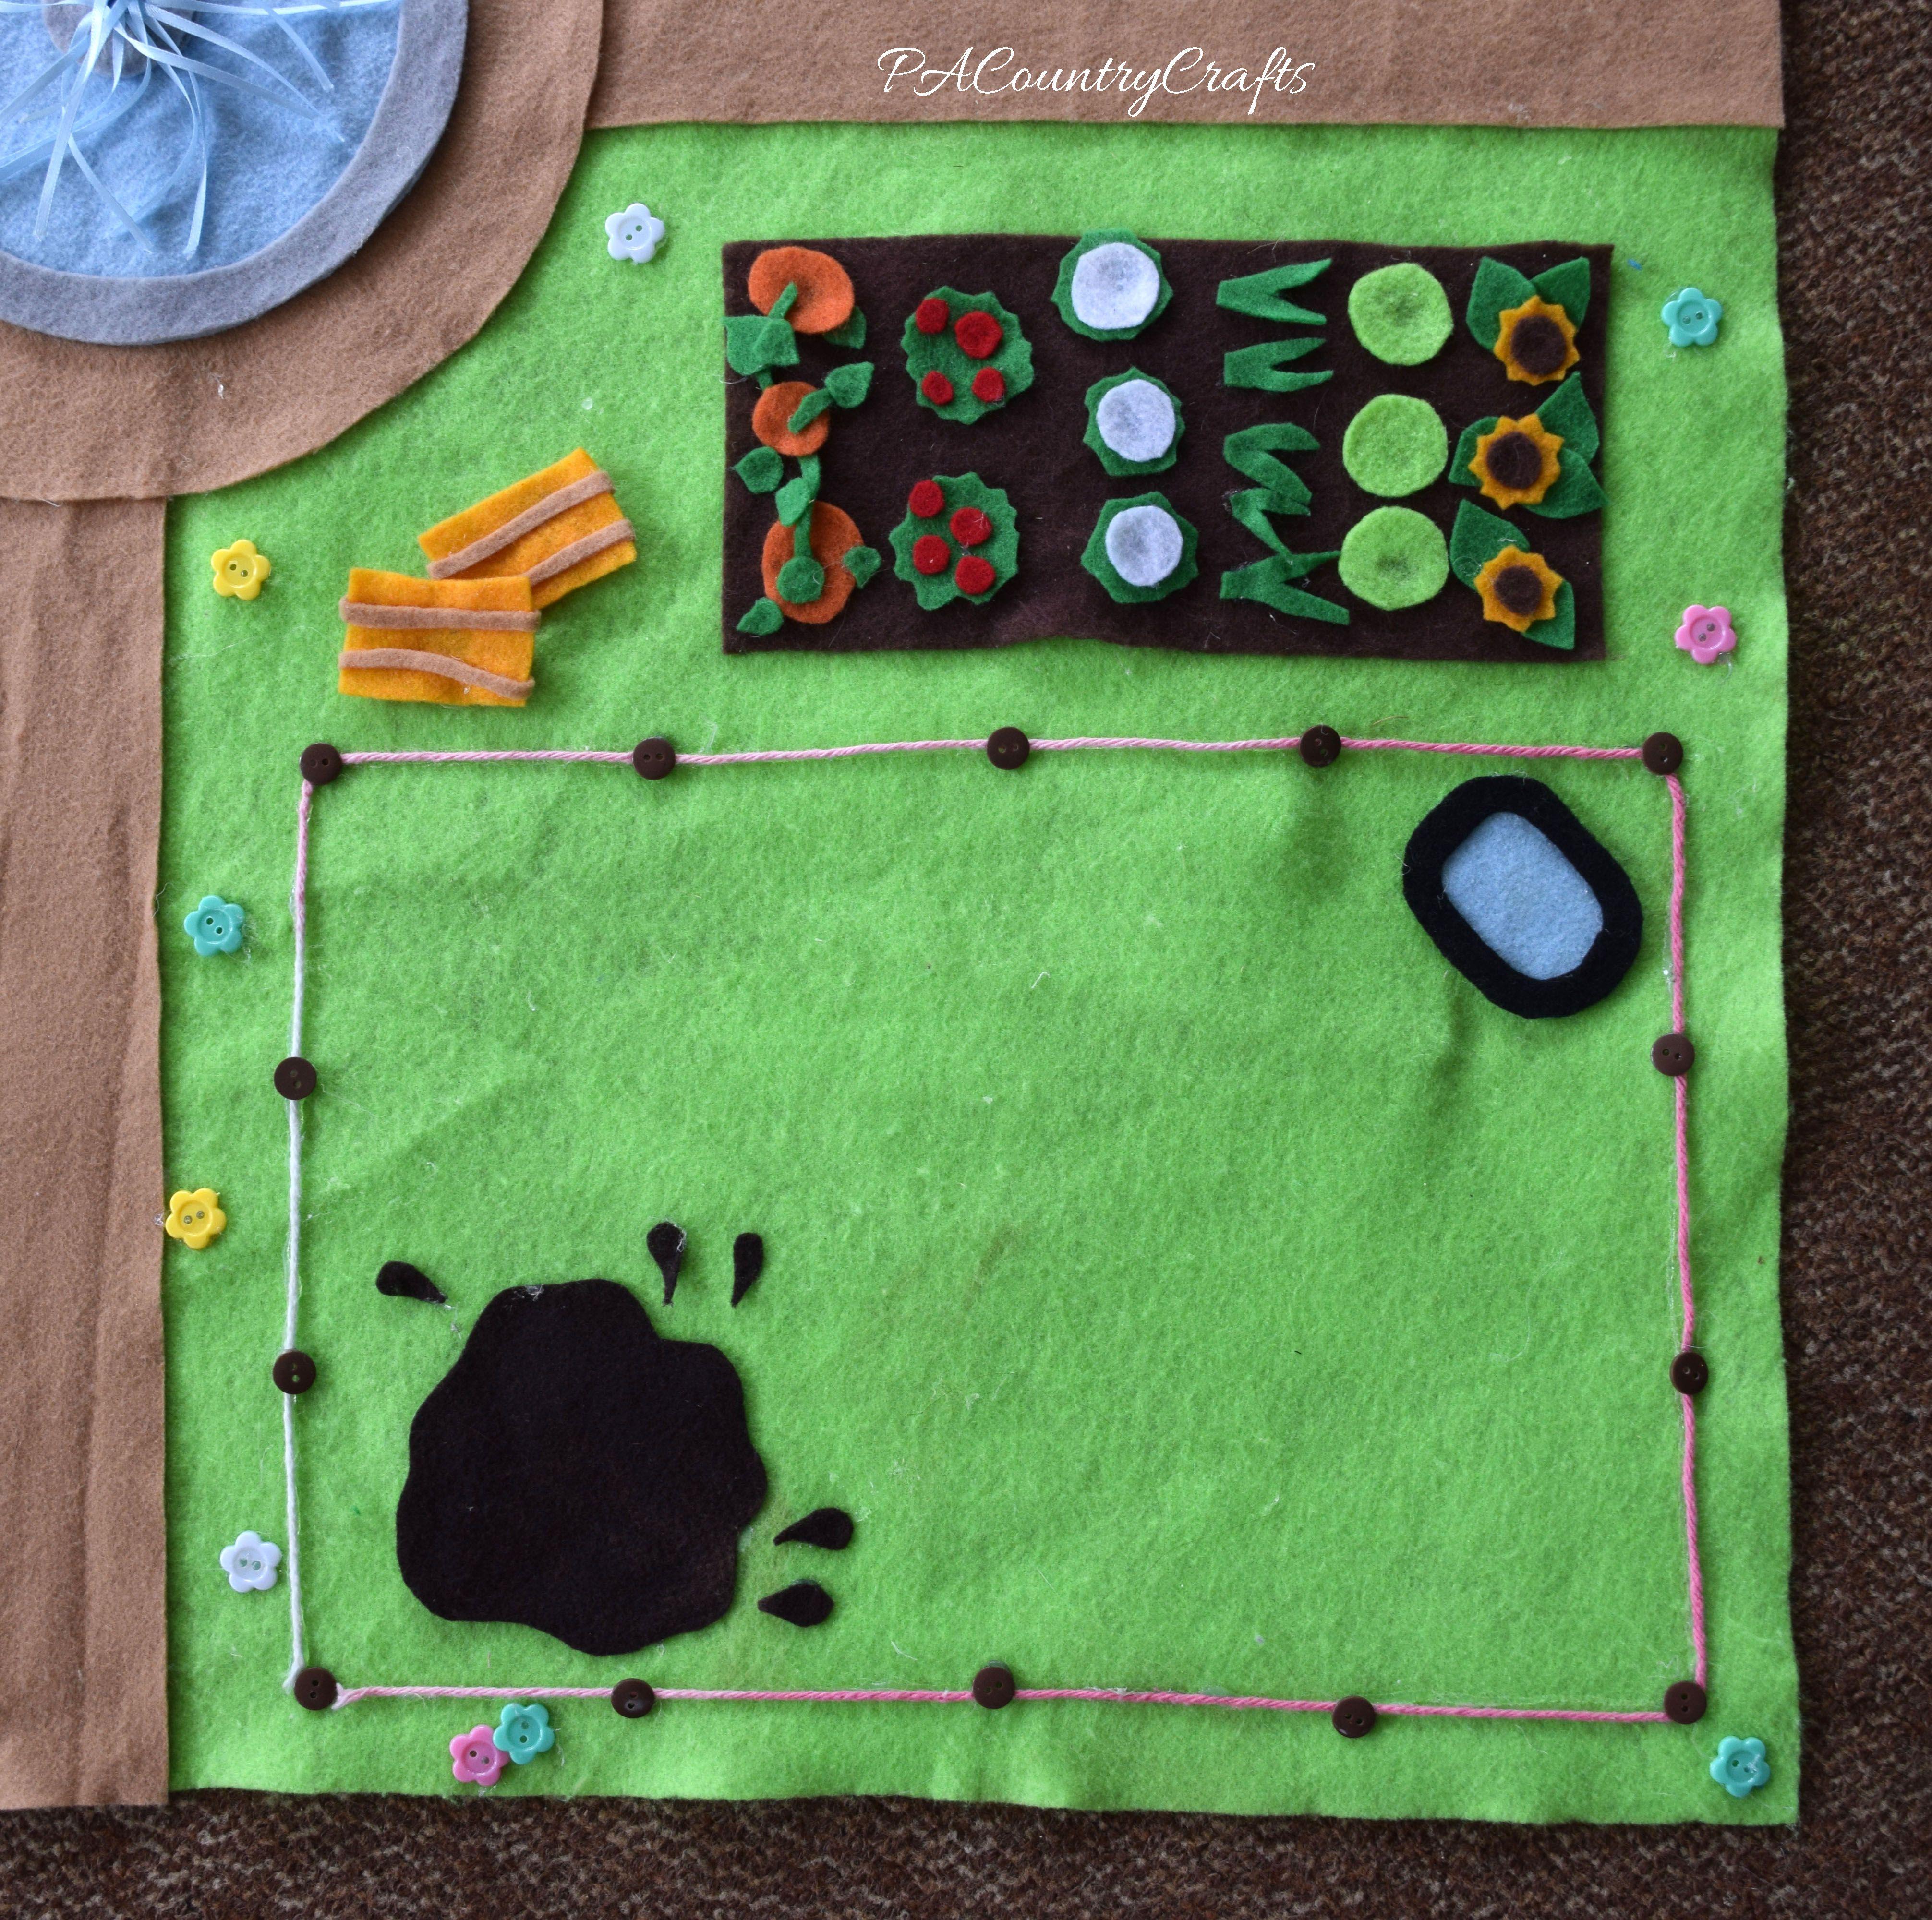 No Sew Littlest Pet Shop Felt Play Mat Pacountrycrafts Felt Play Mat Play Mat Farm Blankets